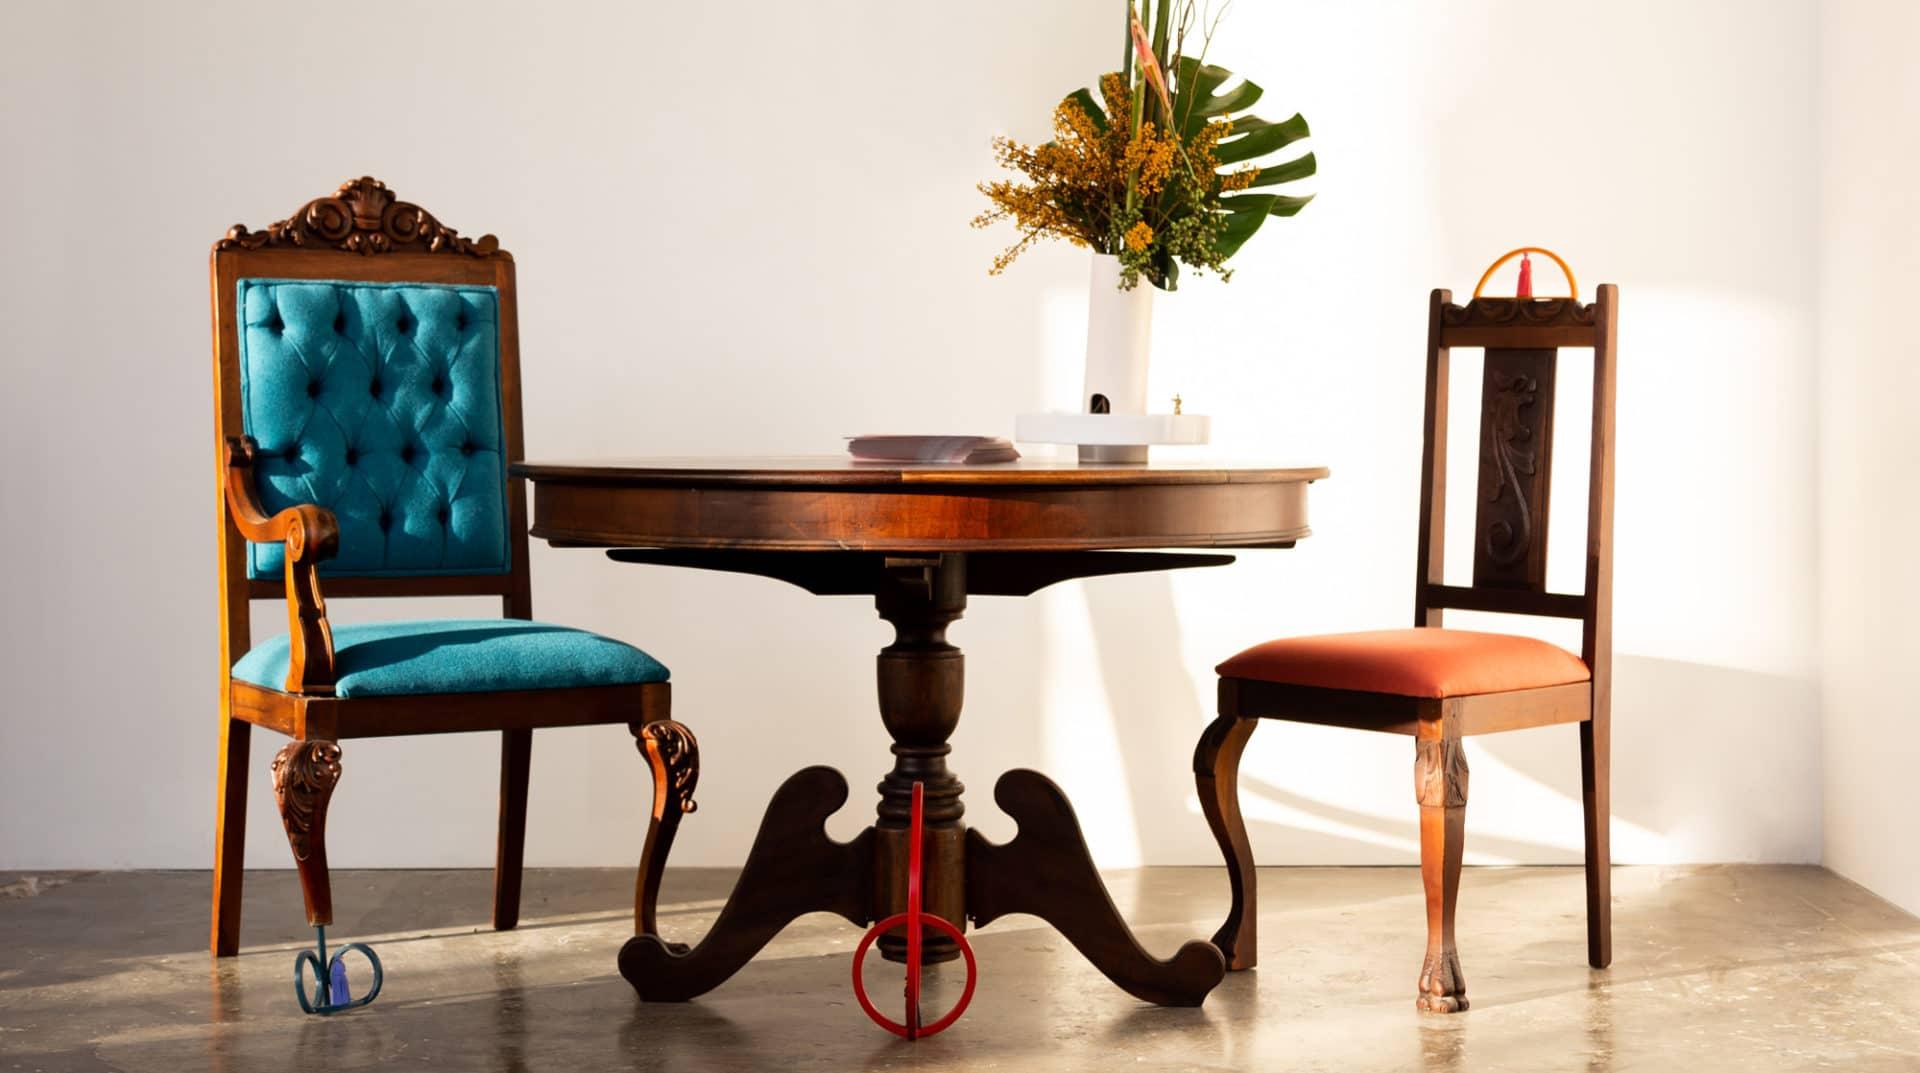 Projeto Restauro por Cadu Silva para feira MADE - Promex Decor